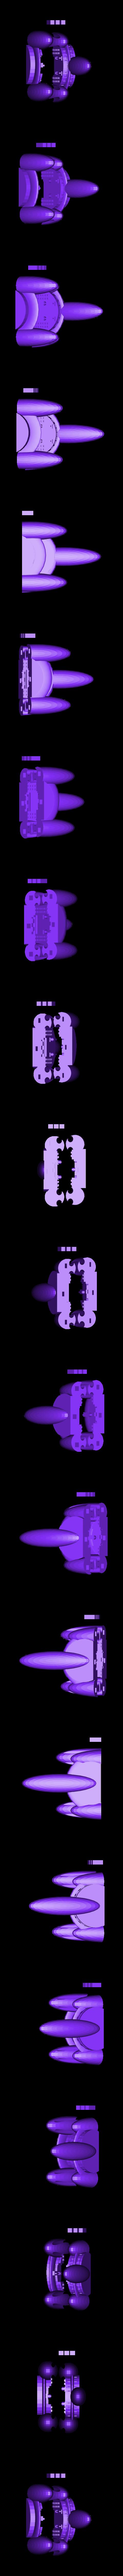 spaceship.stl Télécharger fichier STL gratuit Spaceship 2 halfes • Design pour imprimante 3D, squiqui